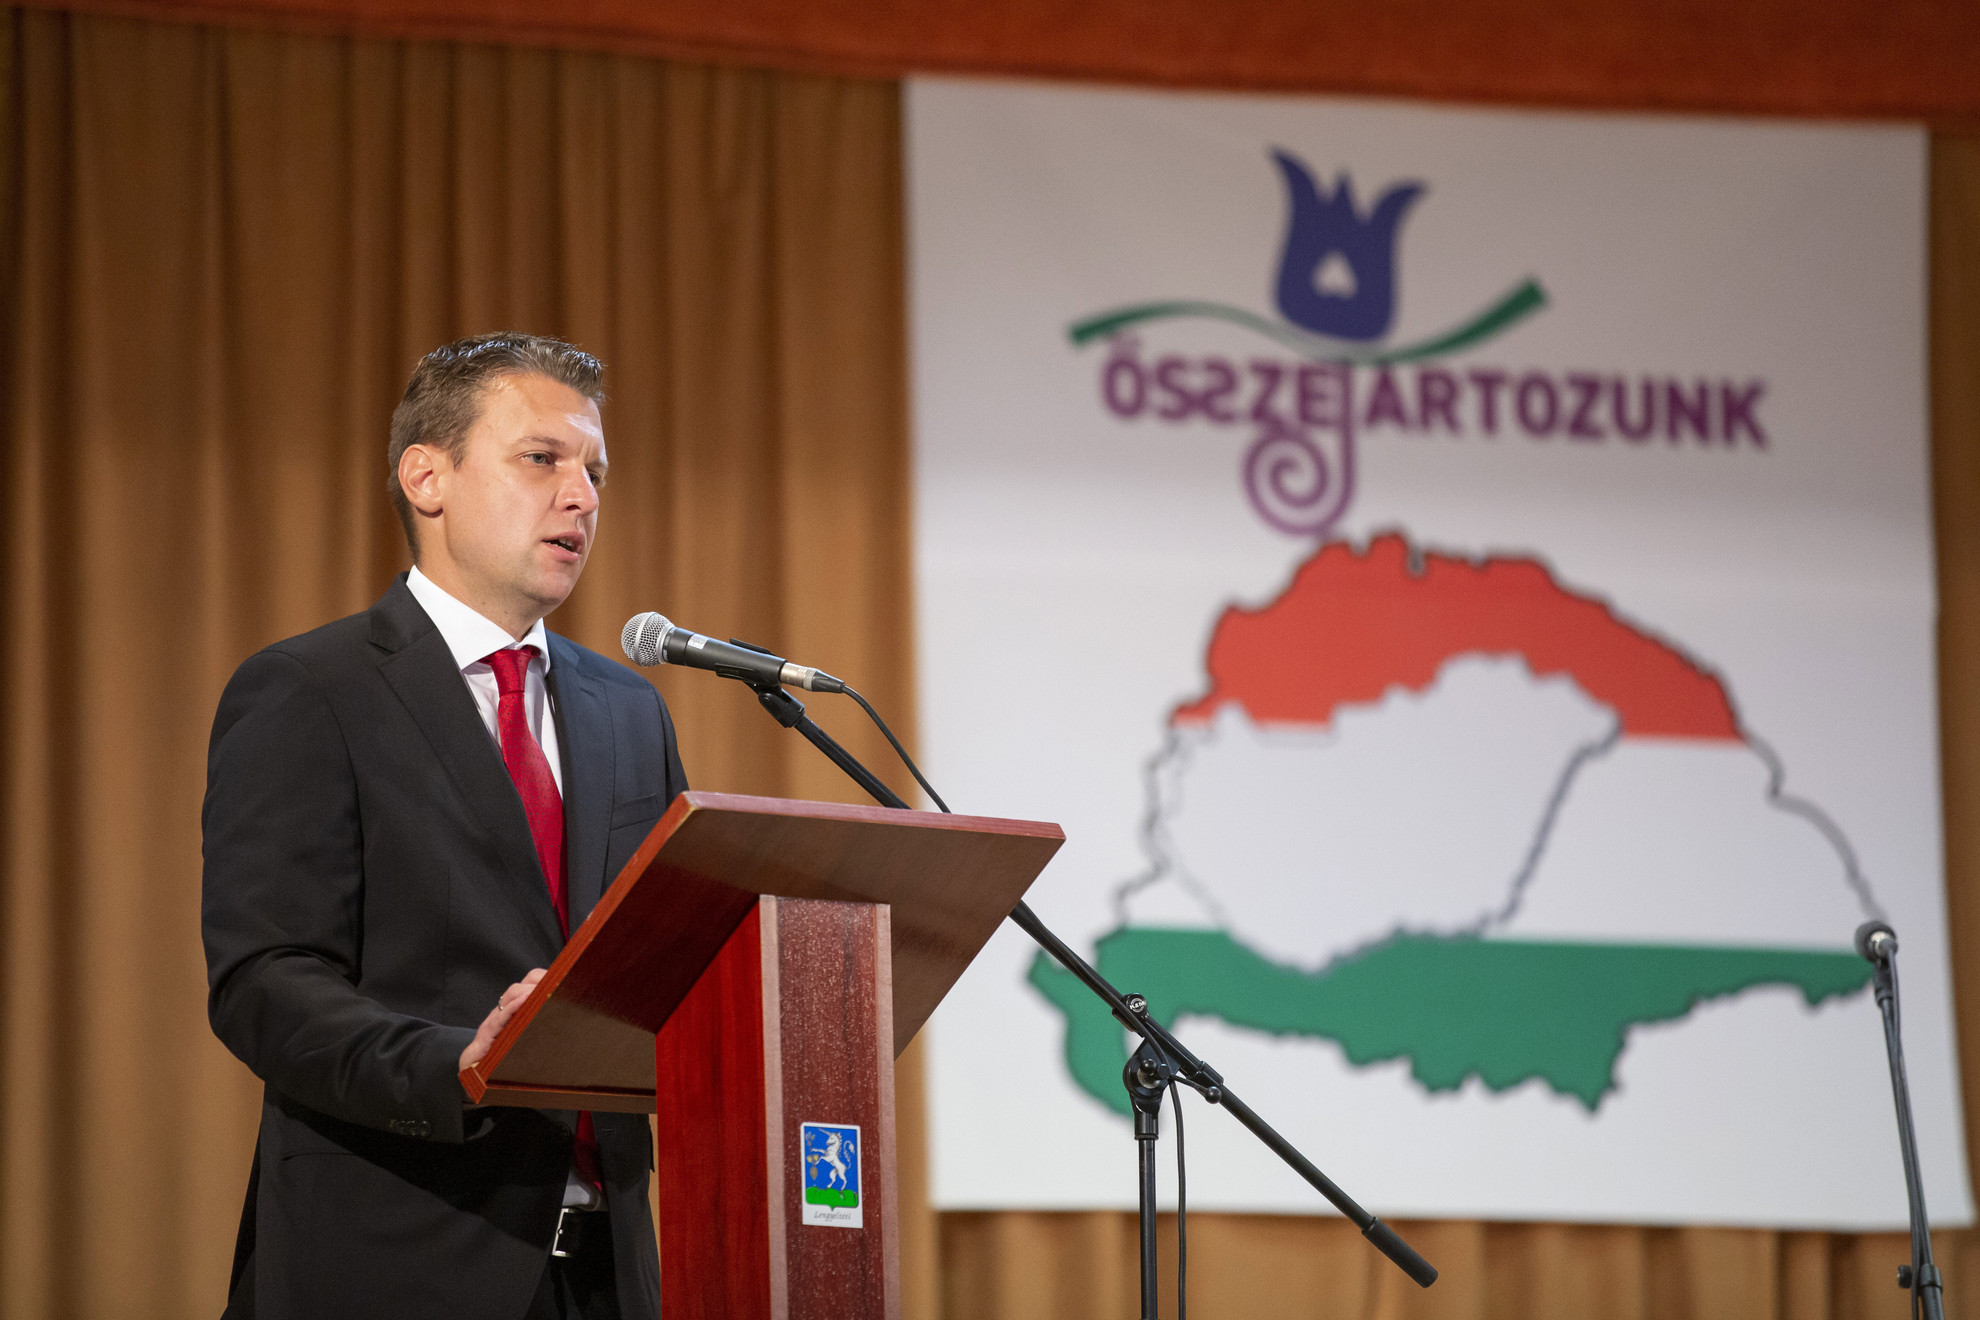 Menczer Tamás beszédet mond a nemzeti összetartozás éve alkalmából tartott rendezvényen a Somogy megyei Lengyeltótiban